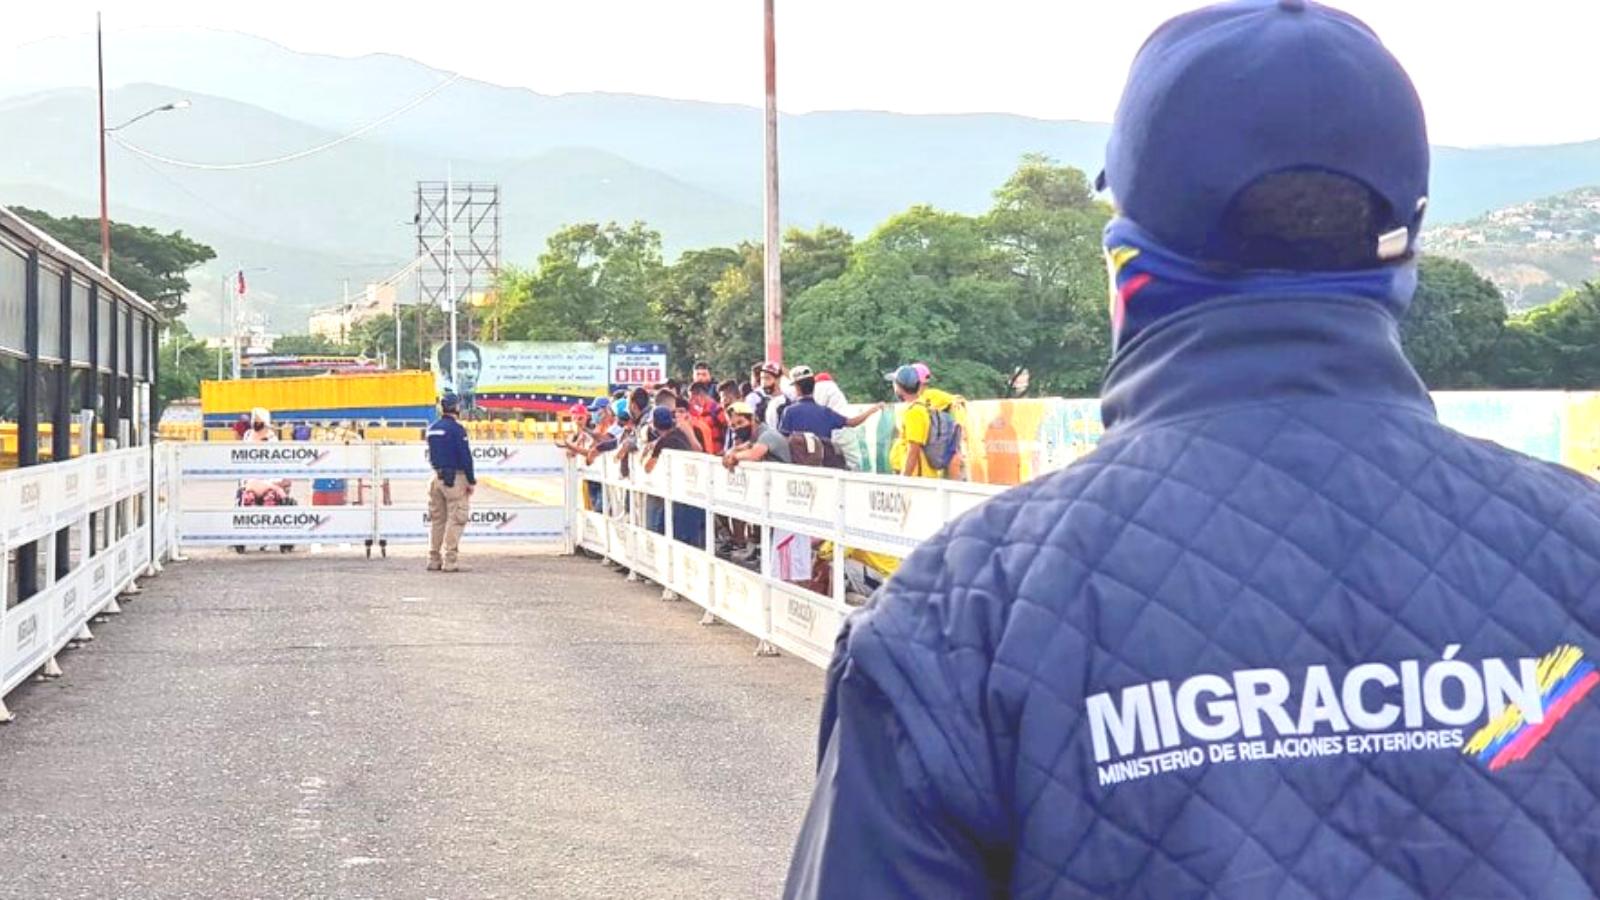 Al país ya han llegado más de 2 millones de venezolanos huyendo de la crisis